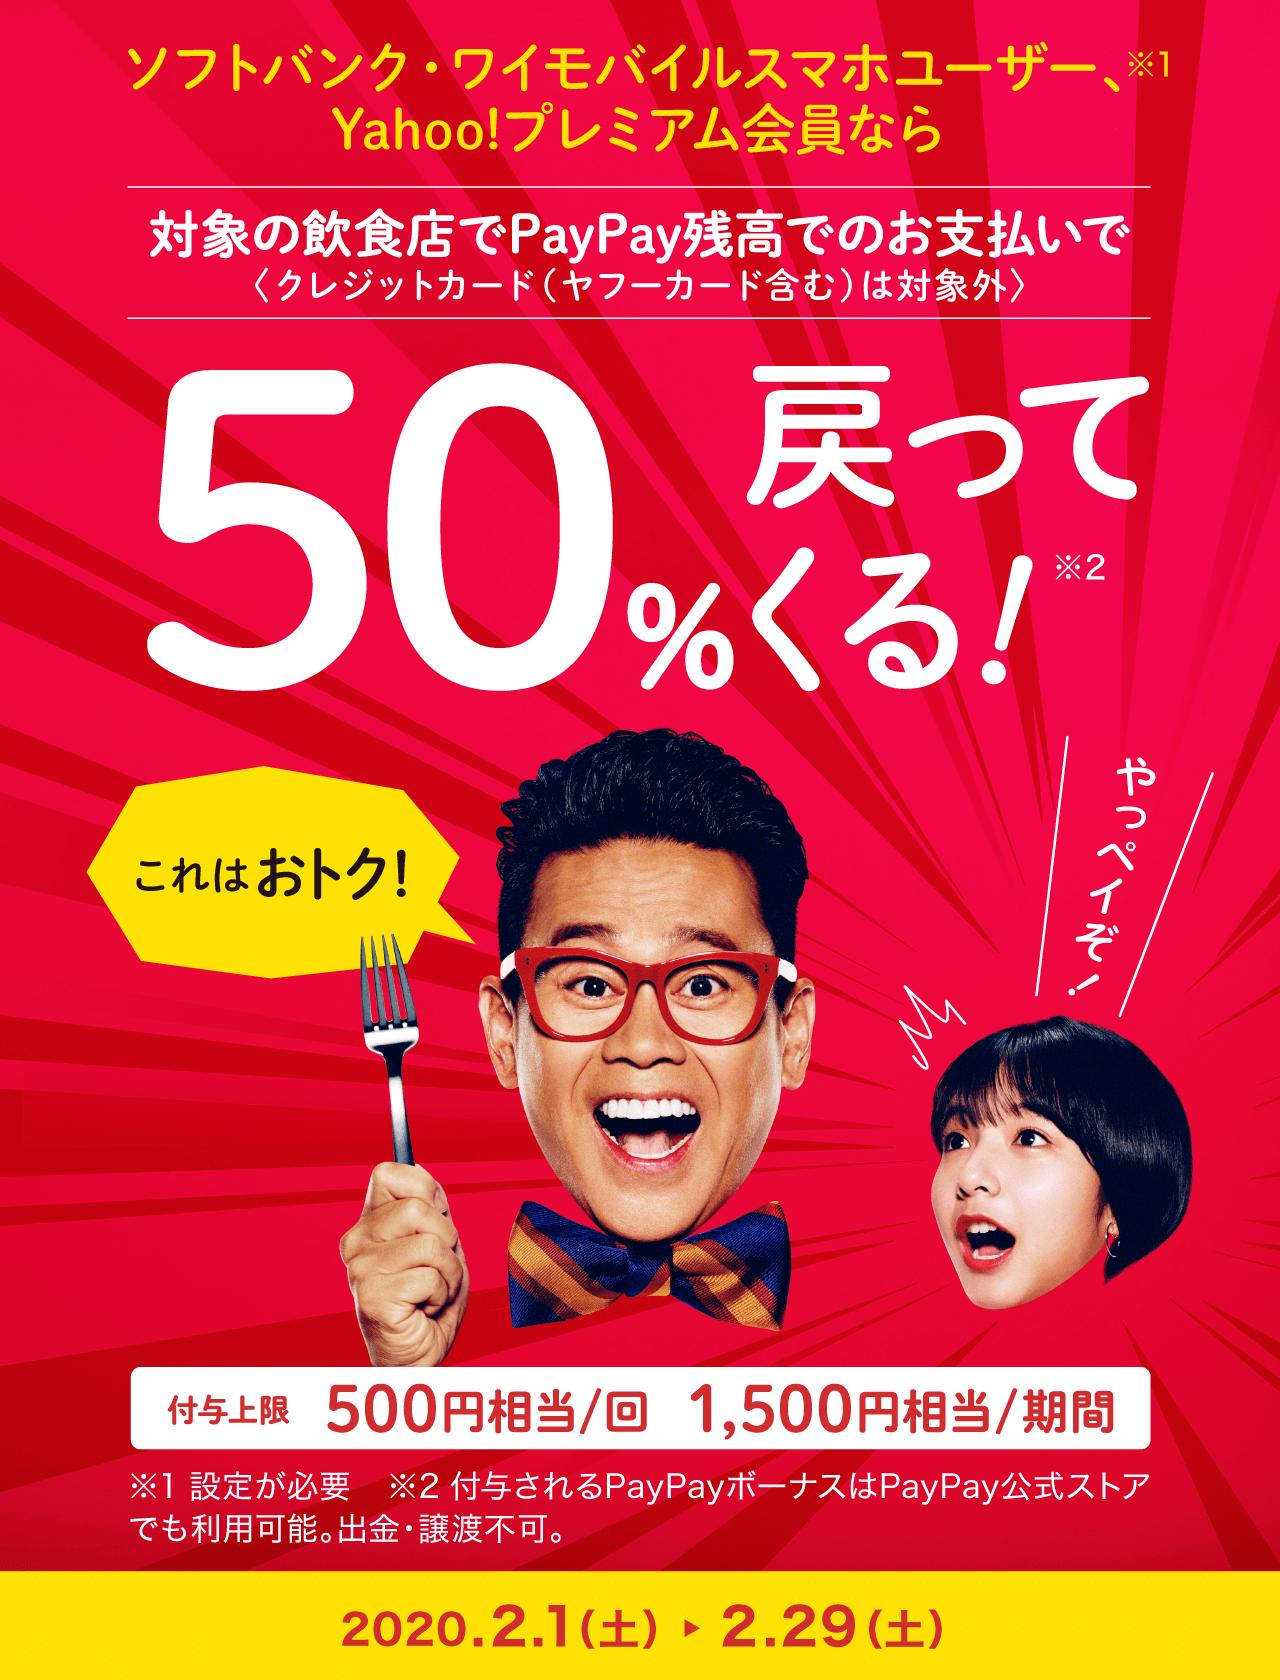 ソフトバンク・ワイモバイルスマホユーザー、Yahoo!プレミアム会員なら 対象の飲食店でPayPay残高でのお支払いで50%戻ってくる!